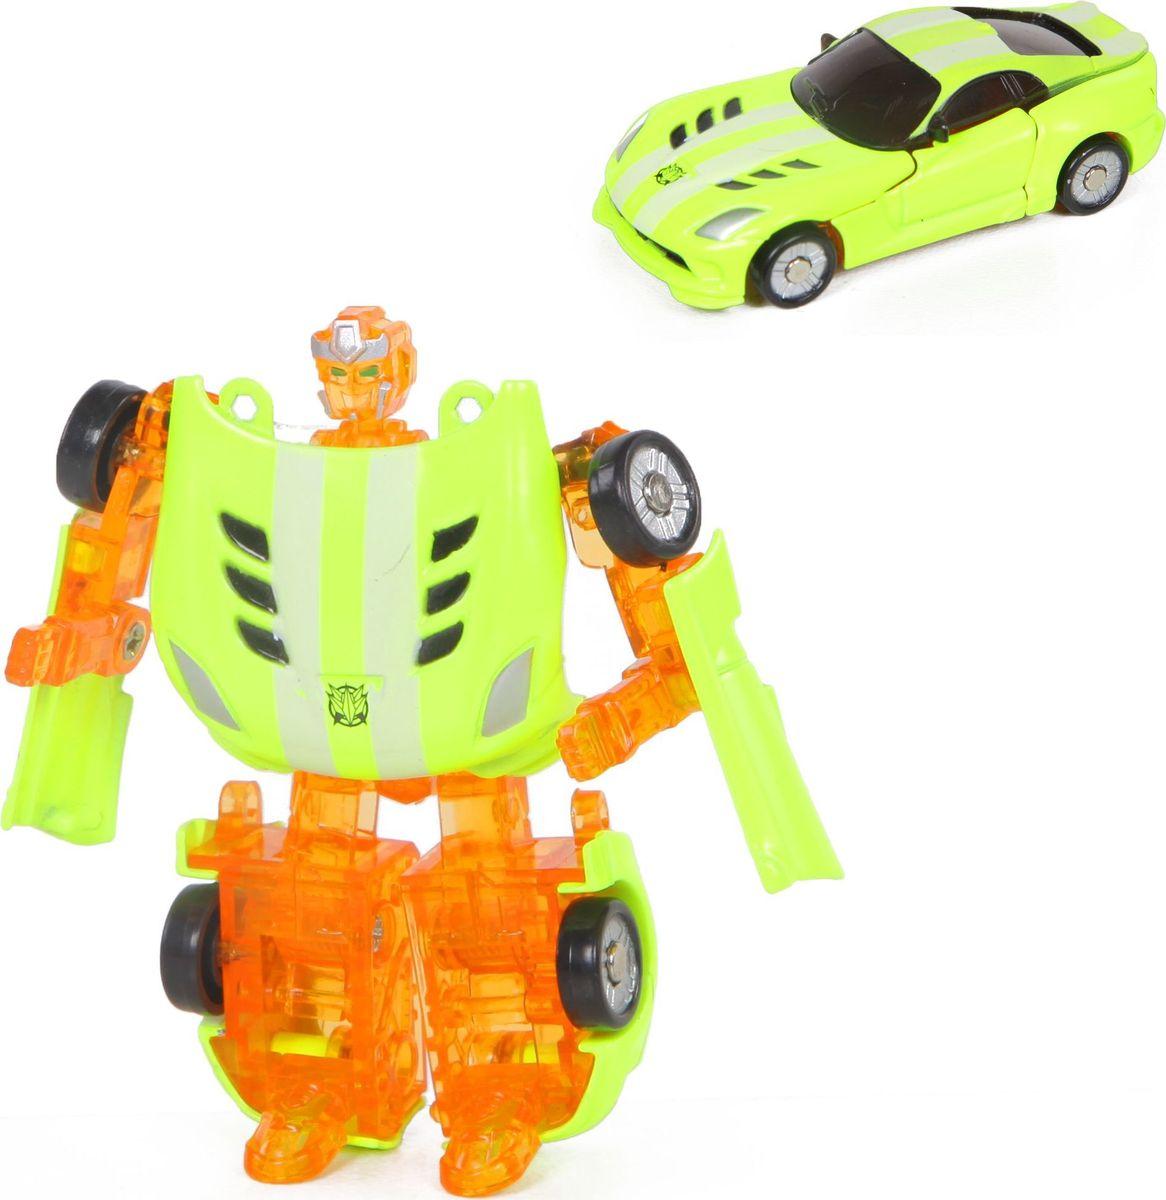 Трансформер Yako Трансформер yako робот трансформер цвет желтый зеленый